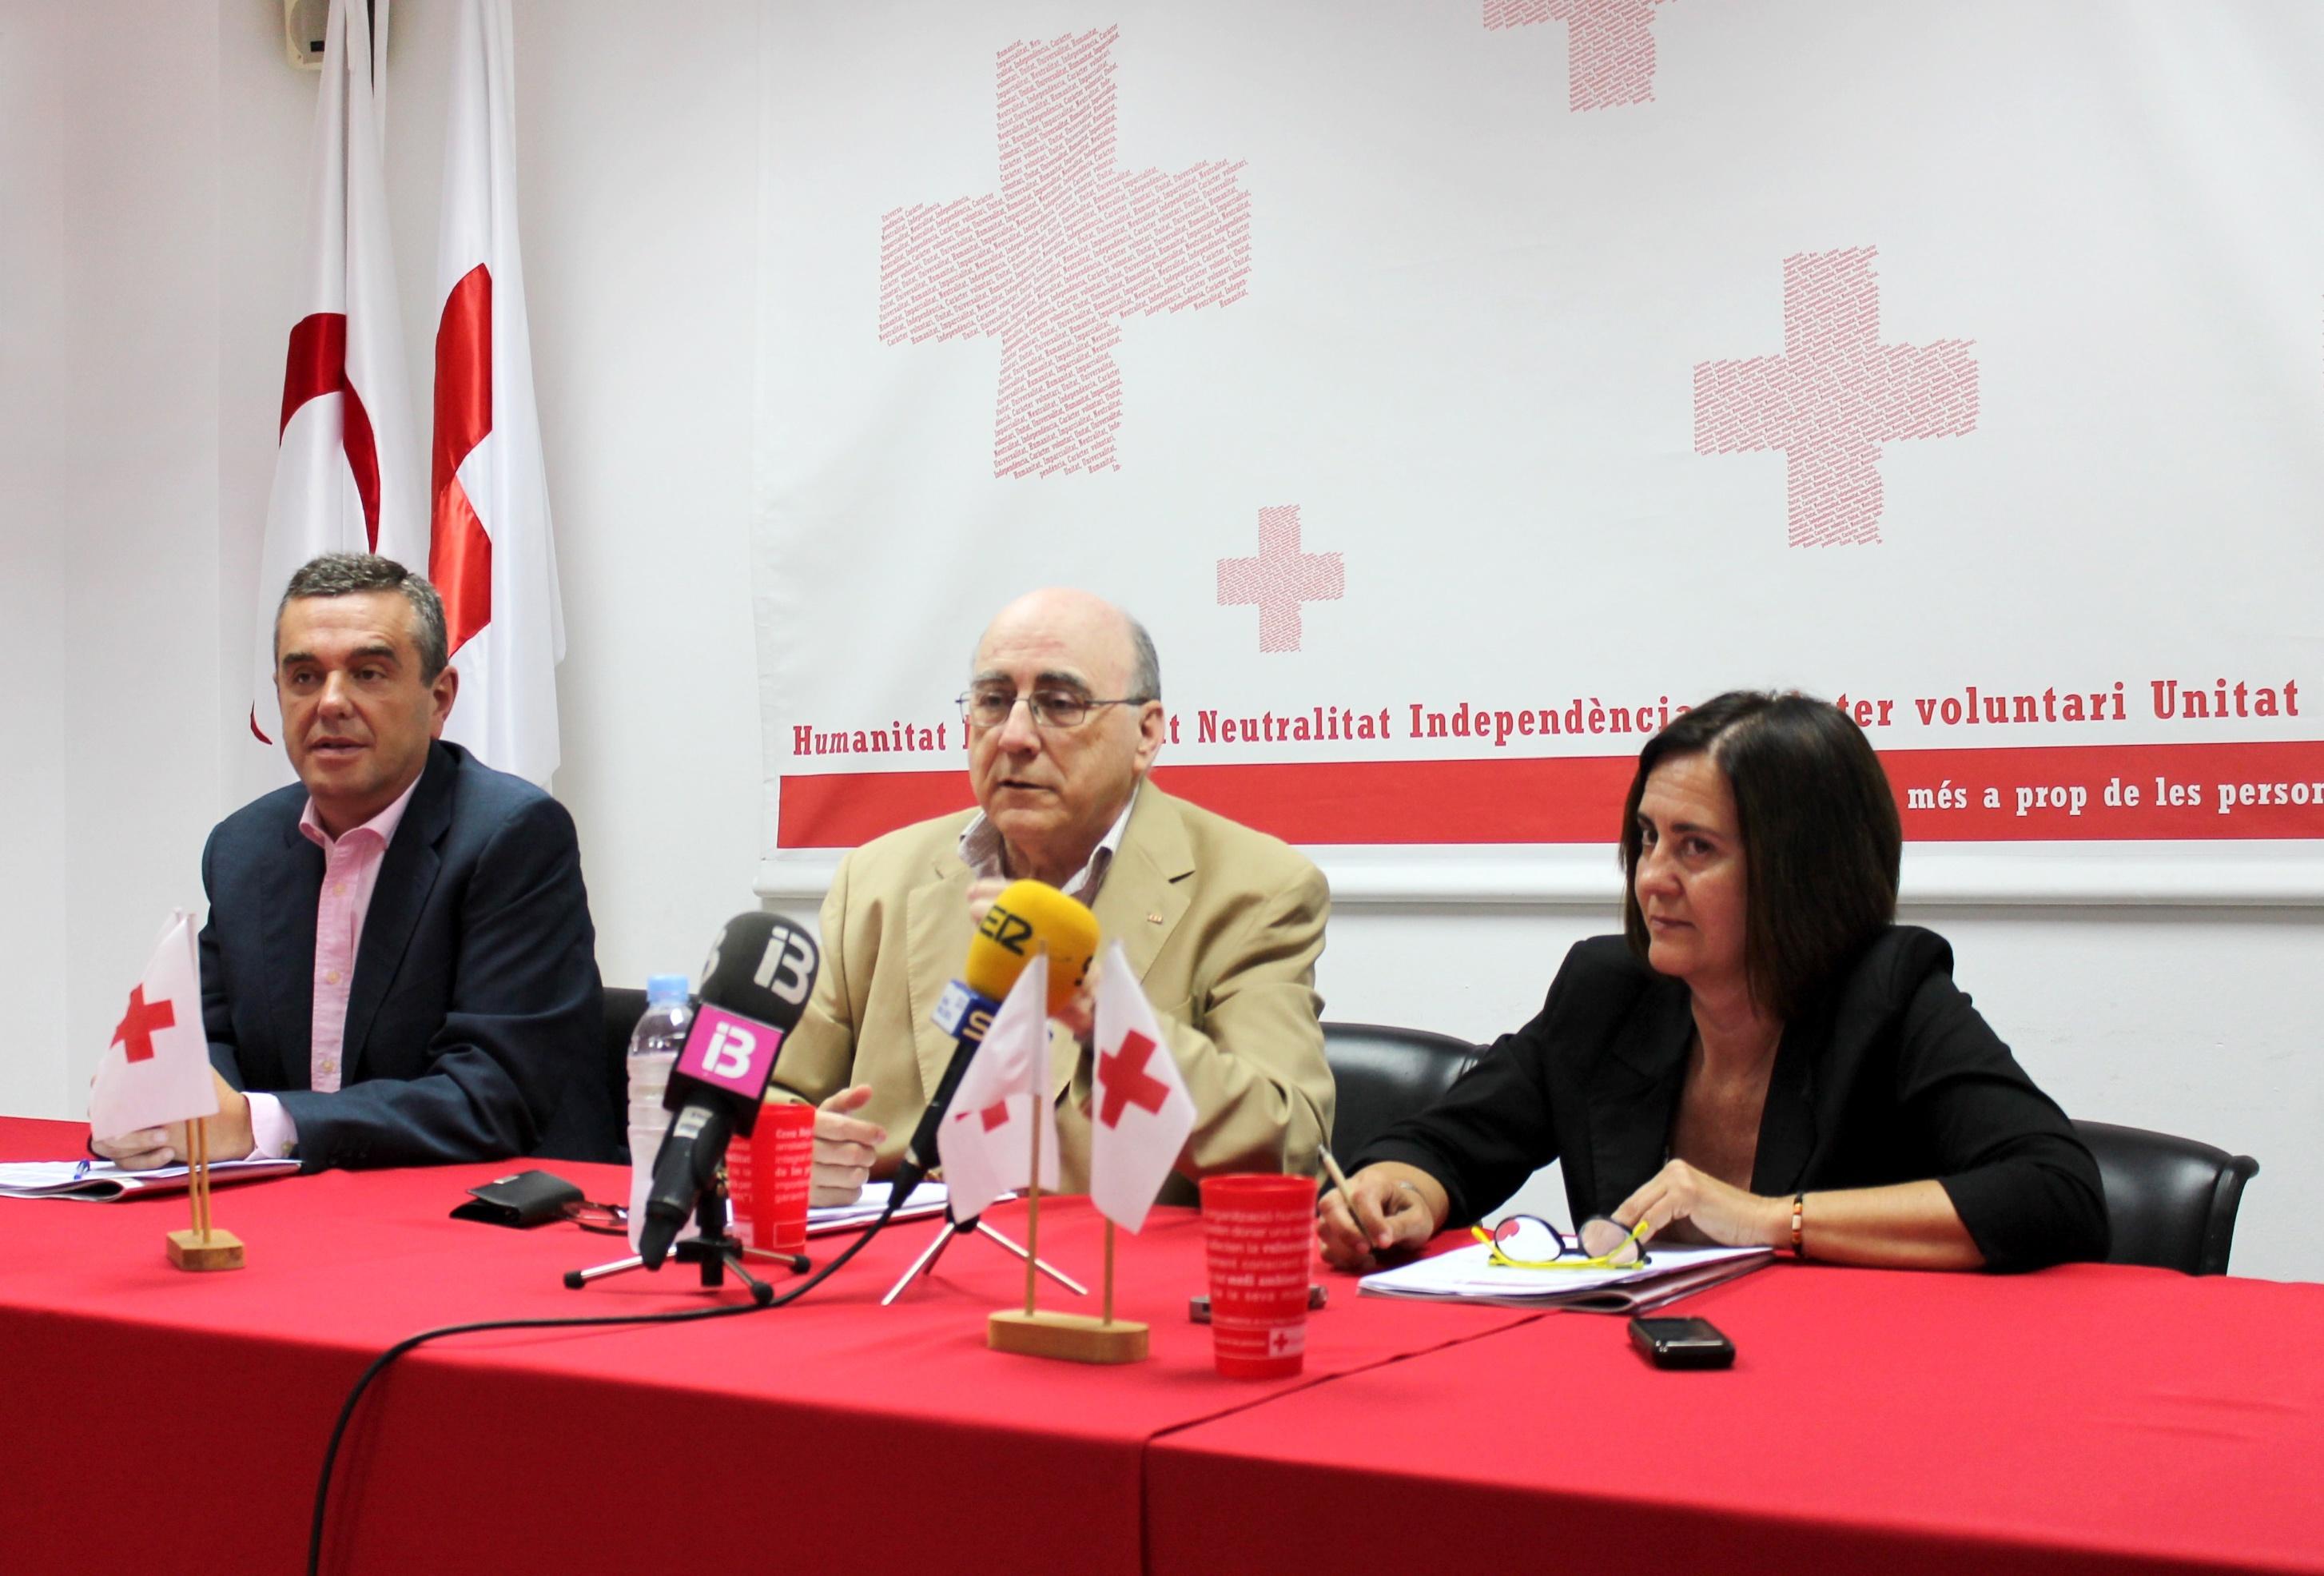 Cruz Roja Baleares alerta del aumento de la precariedad de las personas atendidas debido a la persistencia de la crisis